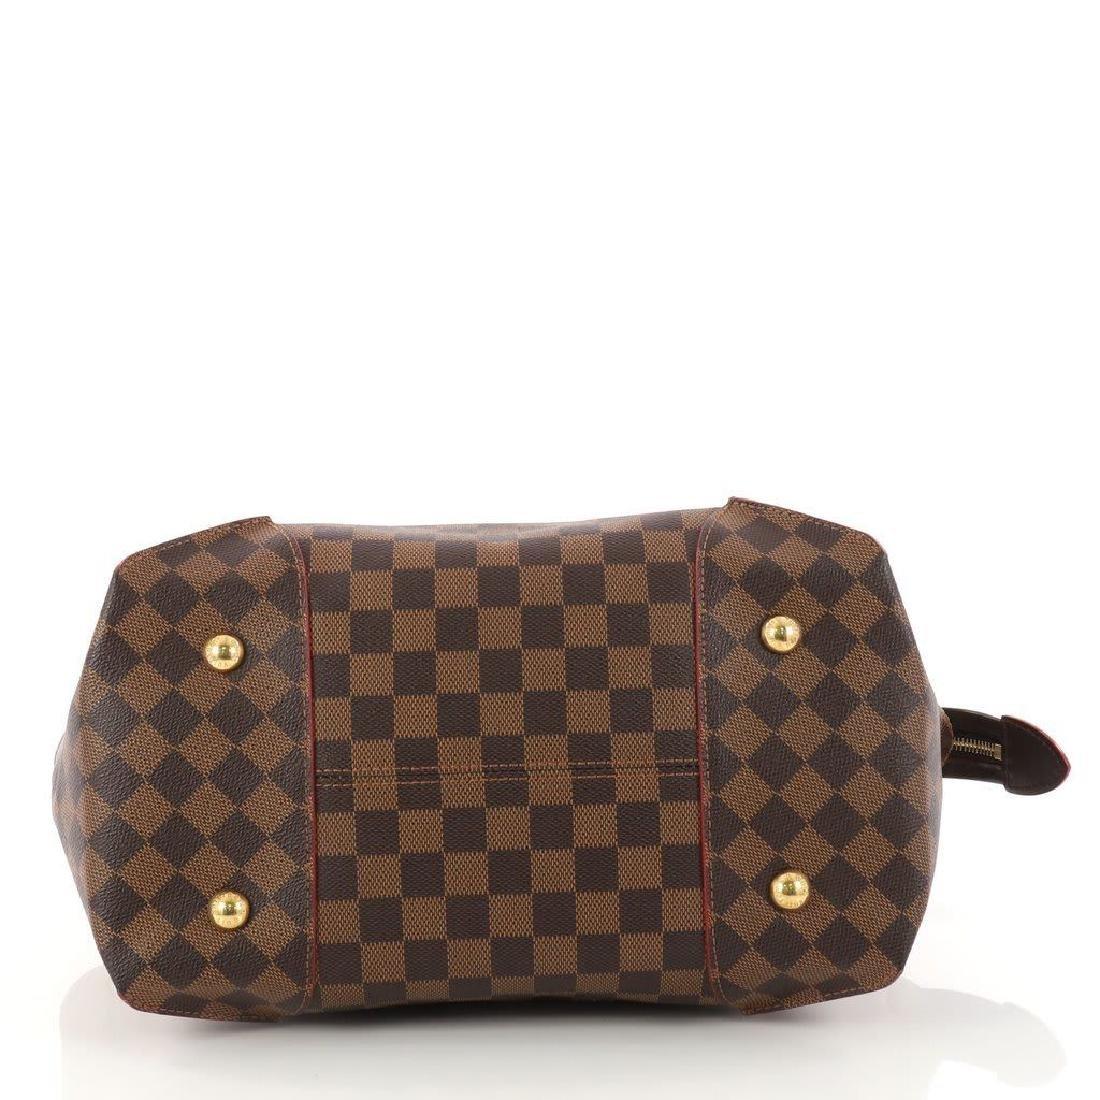 Louis Vuitton Caissa Damier Red Shoulder Bag - 6